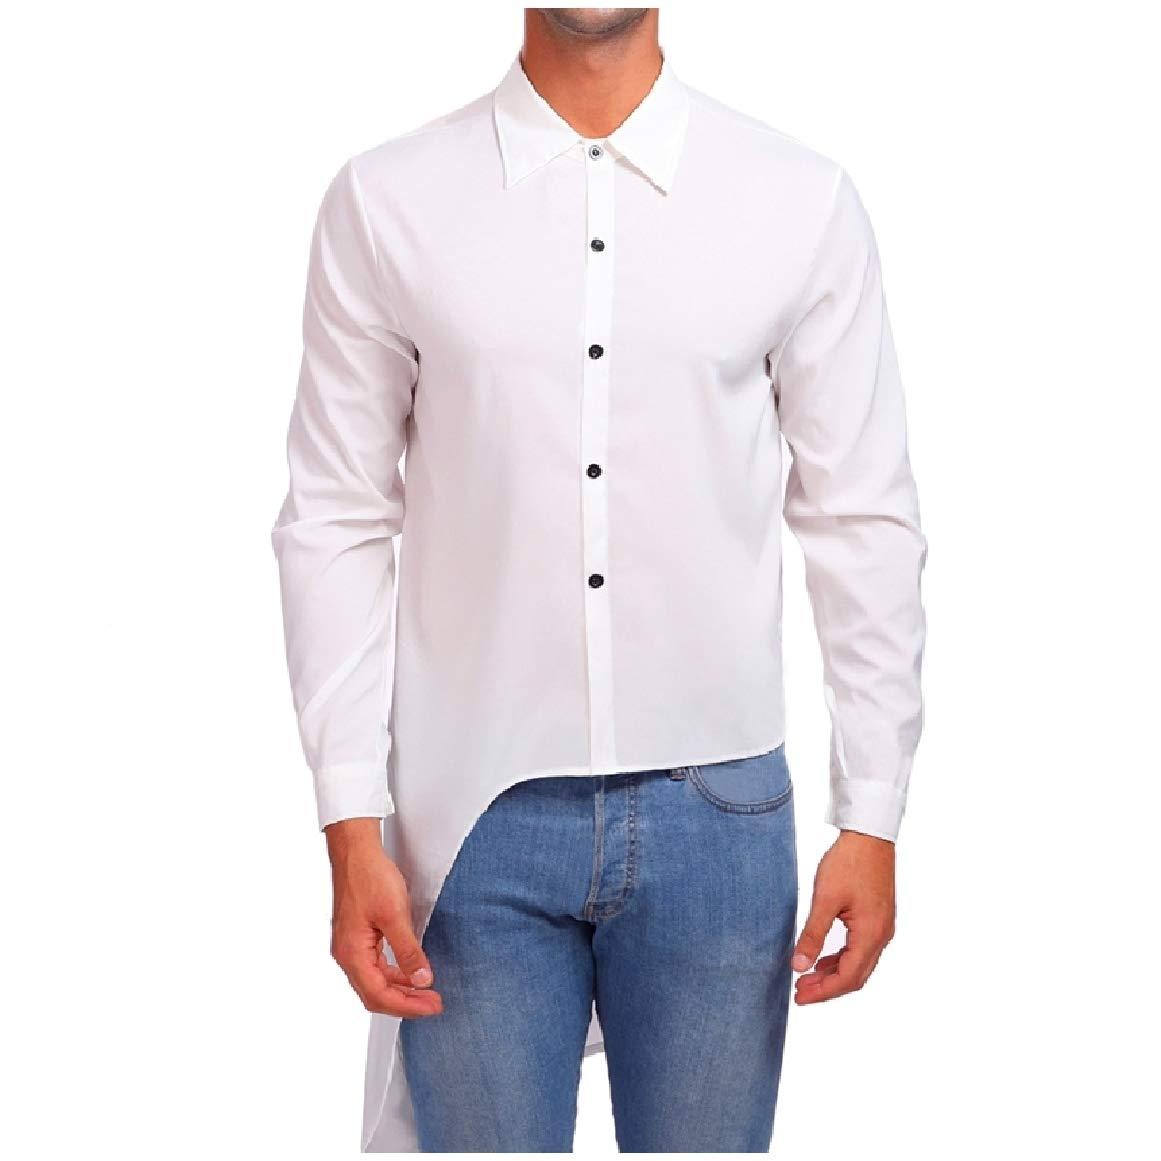 RomantcMen Pure Colour Oversize Coattail Unique Hem Line Button Down Shirt